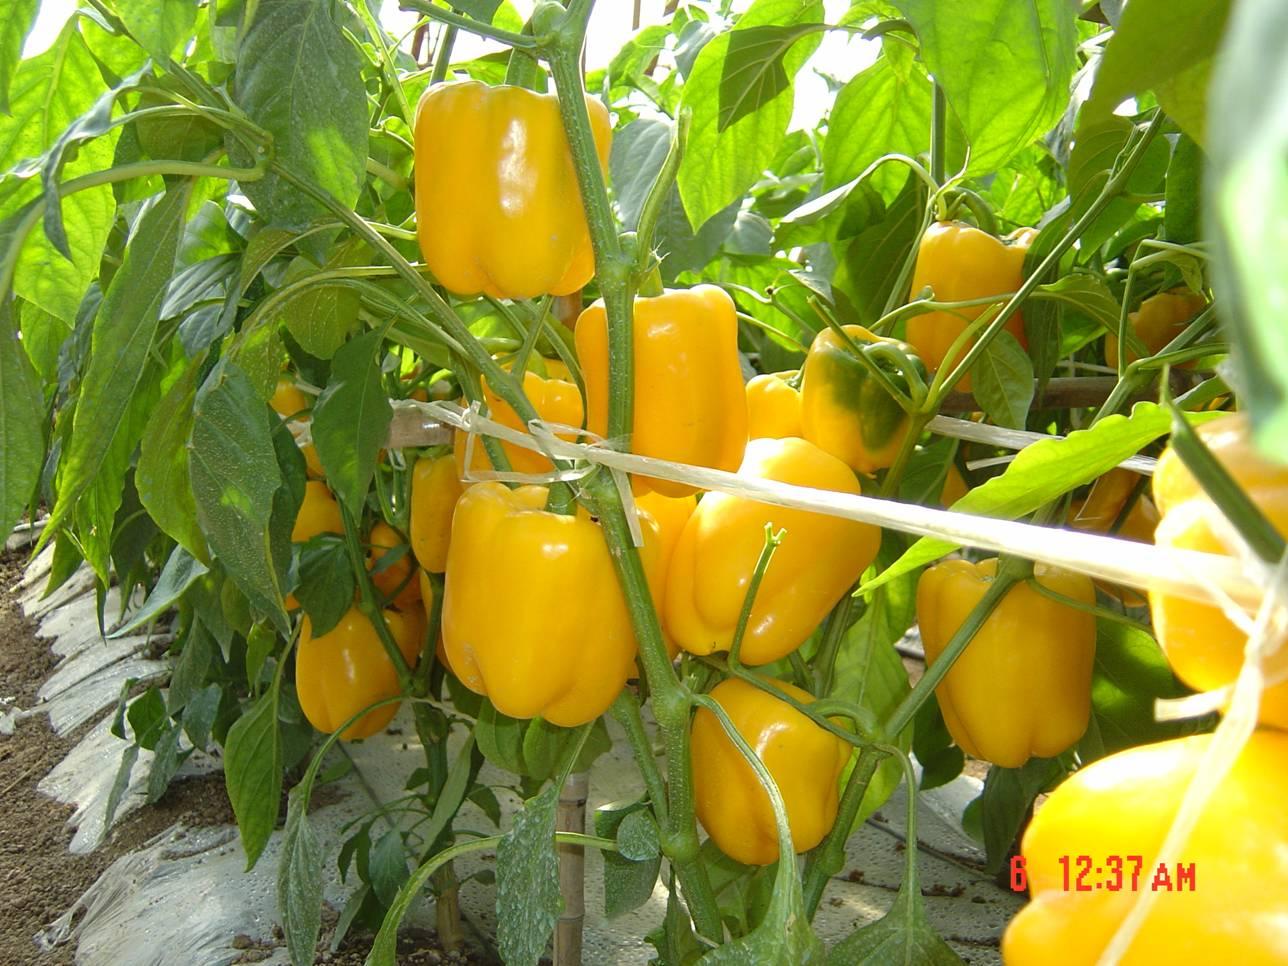 爱丽丝黄皮甜椒—甜椒种子